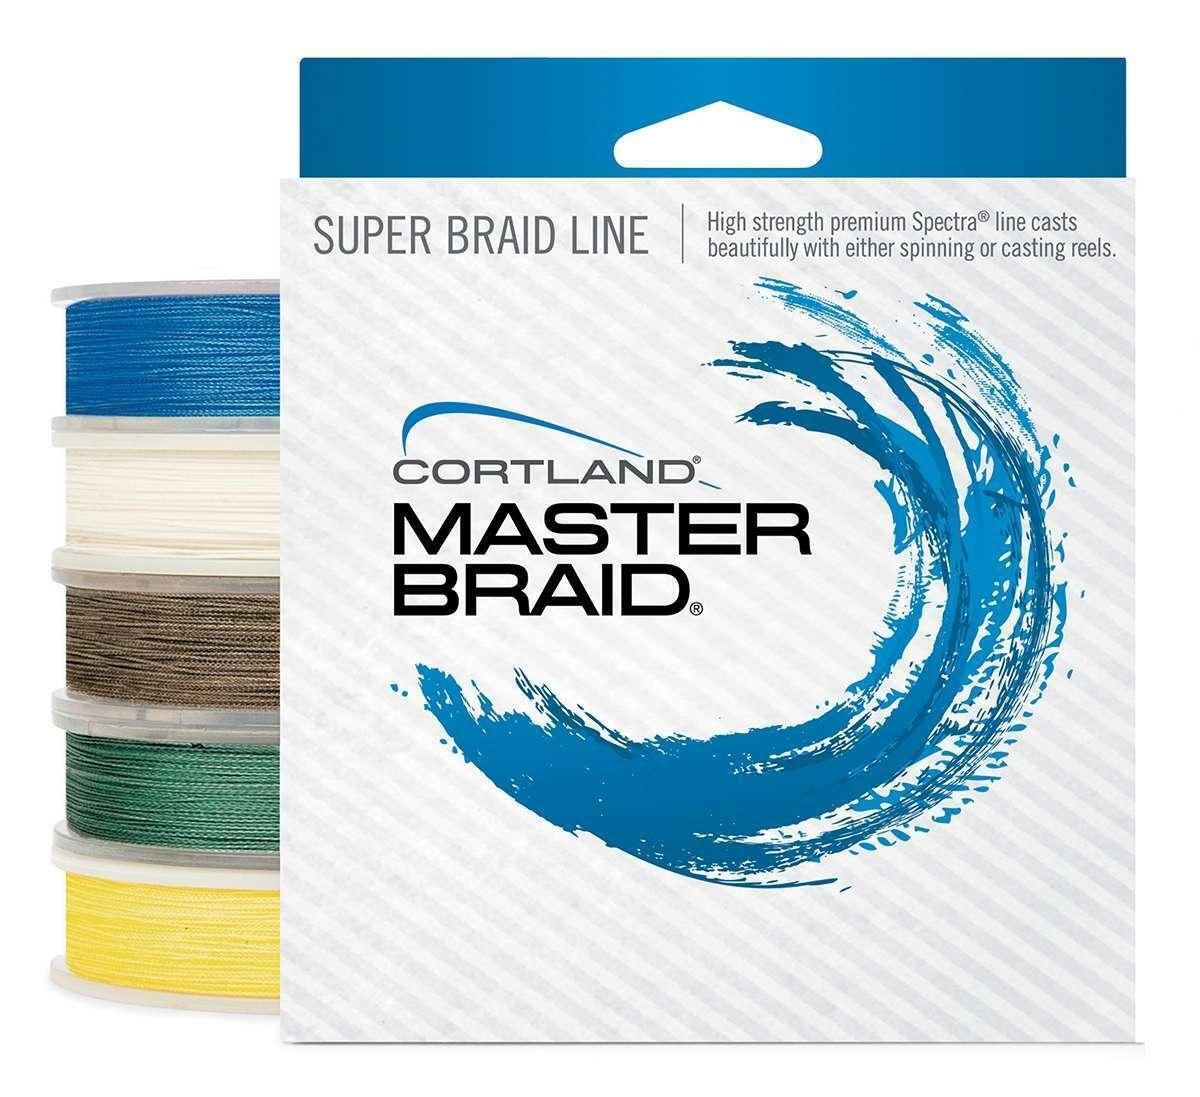 Cortland Master Braid 300 Yard Spool - 179172  test 30lb.   color  bluee